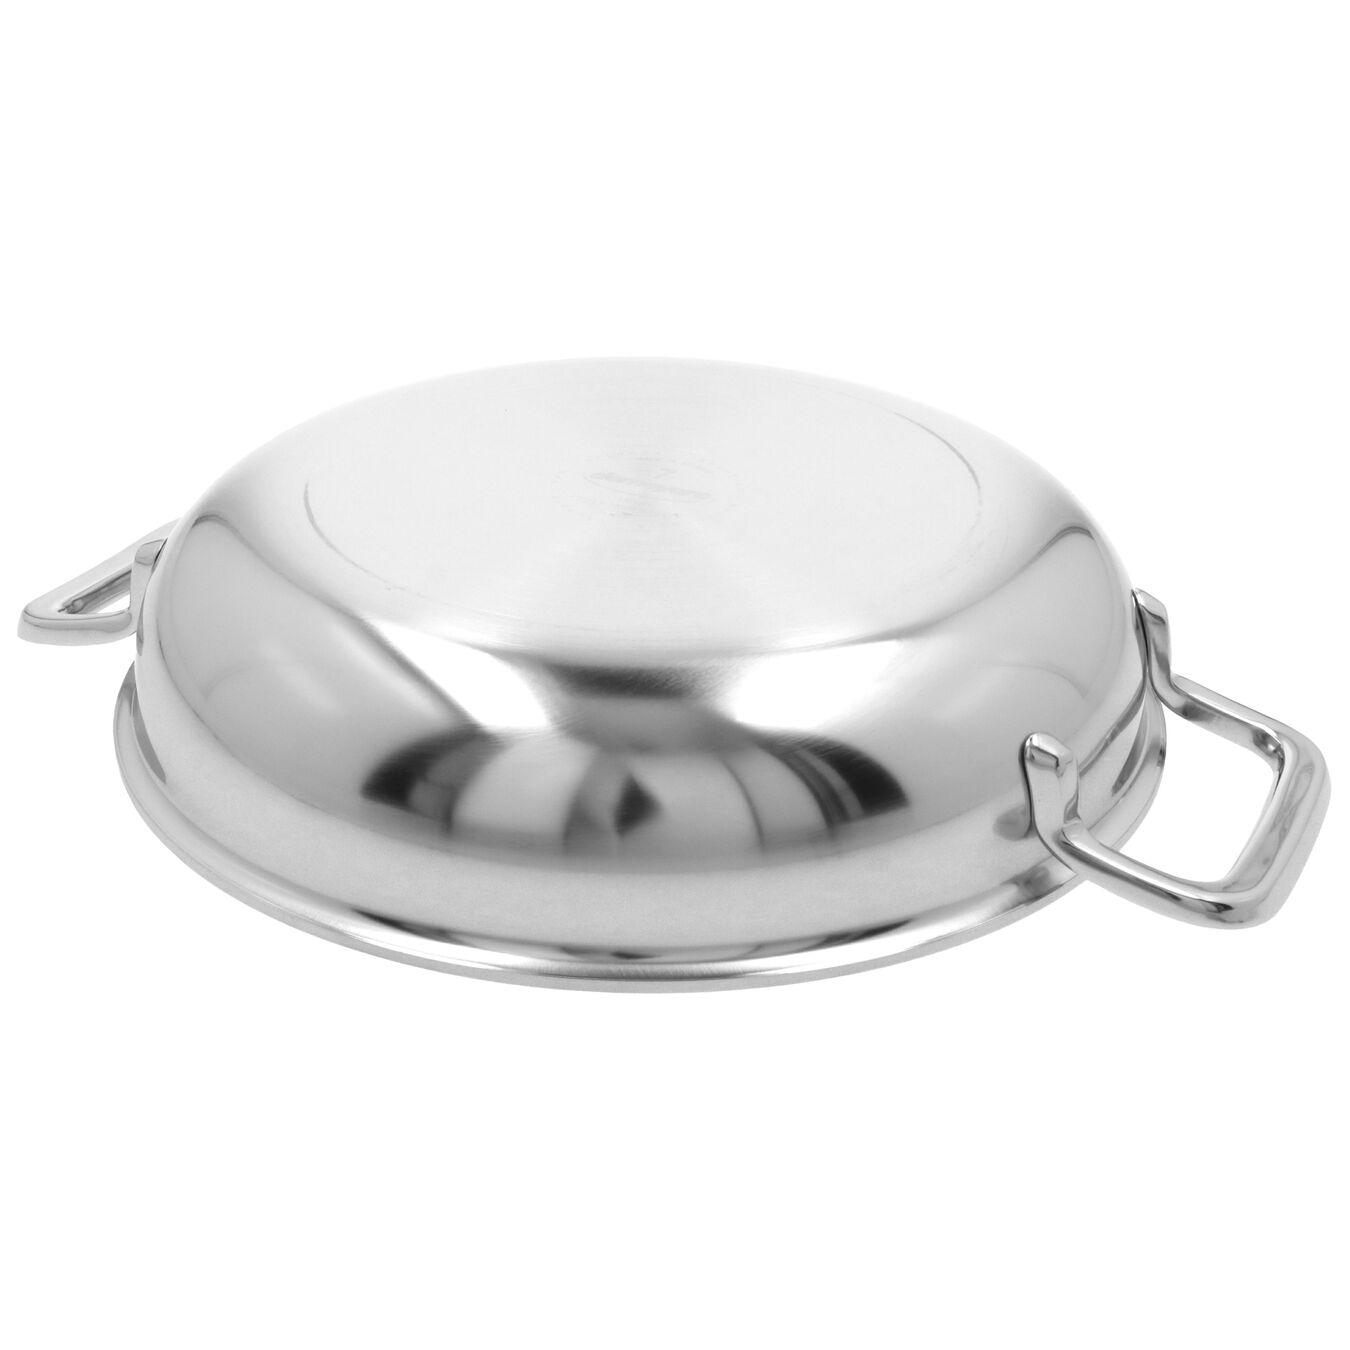 Bakpan met 2 handgrepen Zilverkleurig 24 cm,,large 3